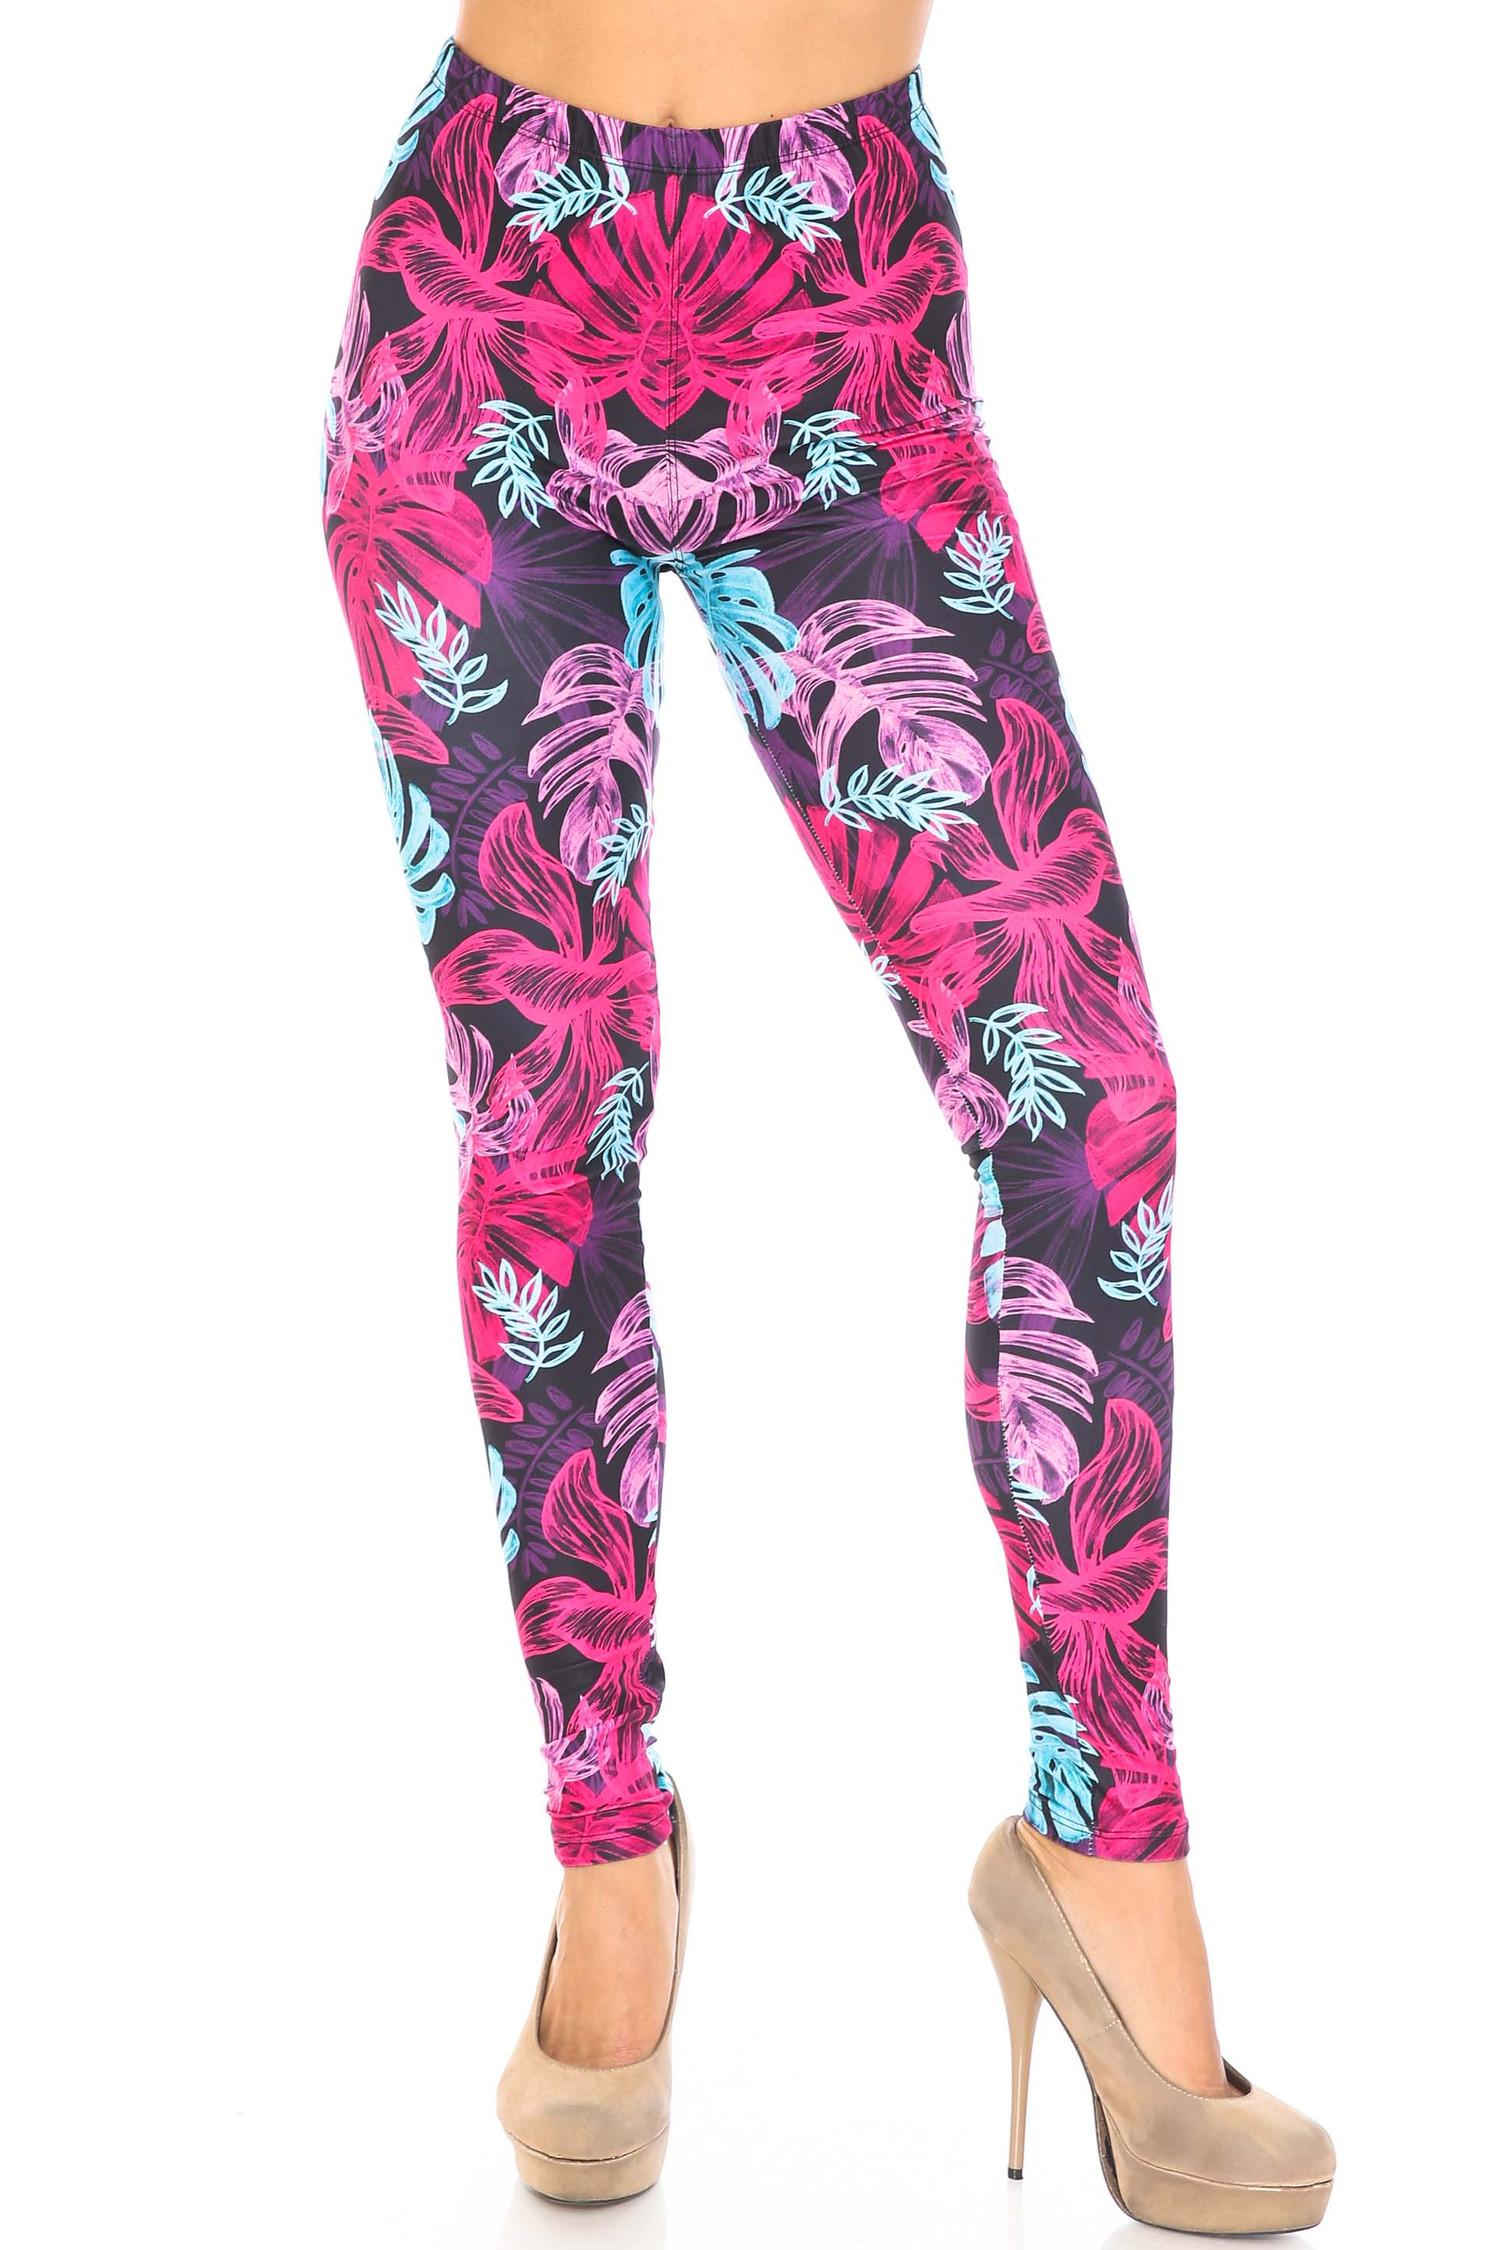 Creamy Soft Vivid Tropical Leaves Extra Plus Size Leggings - 3X-5X - USA Fashion™